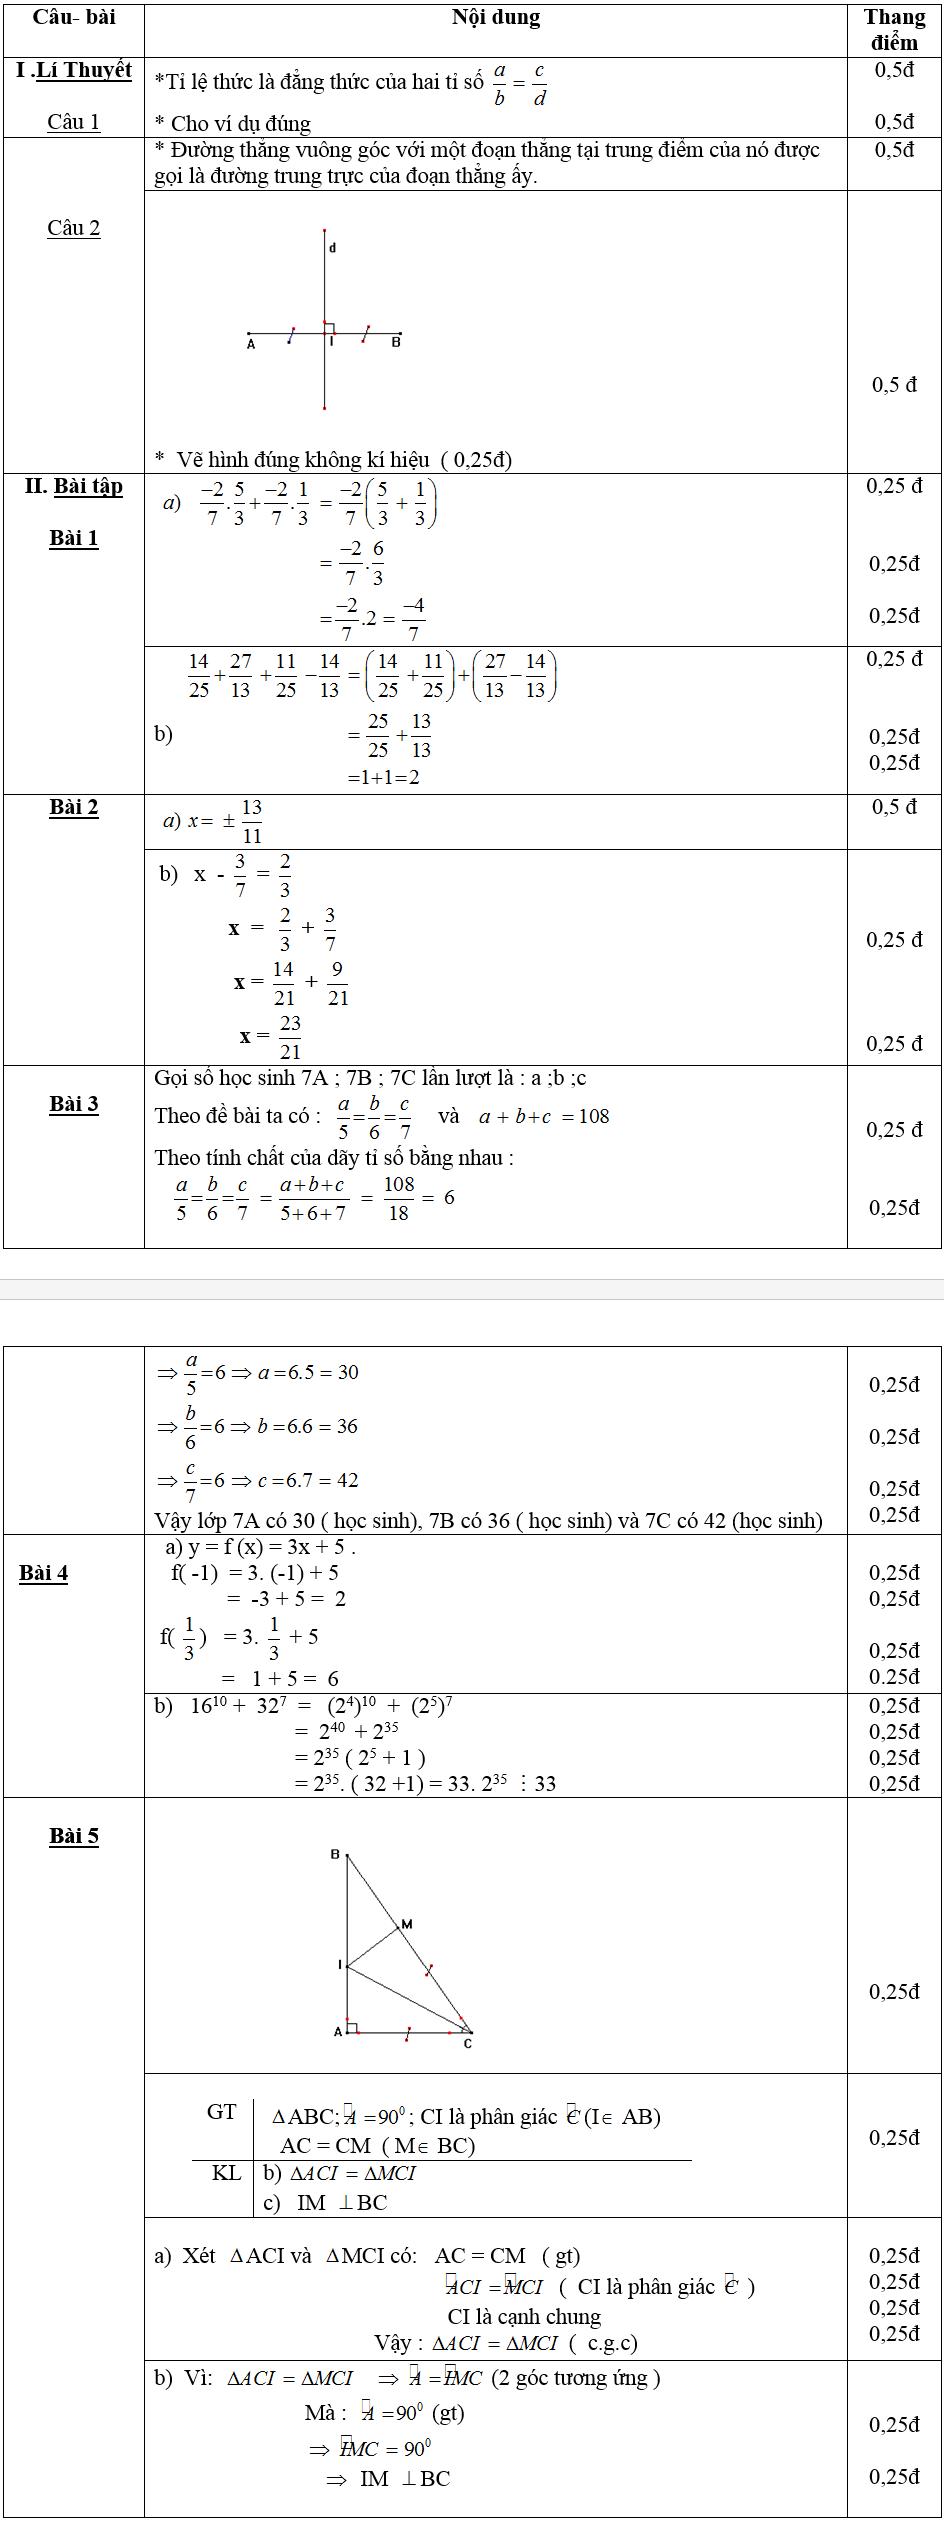 Đáp án đề thi học kì 1 môn toán